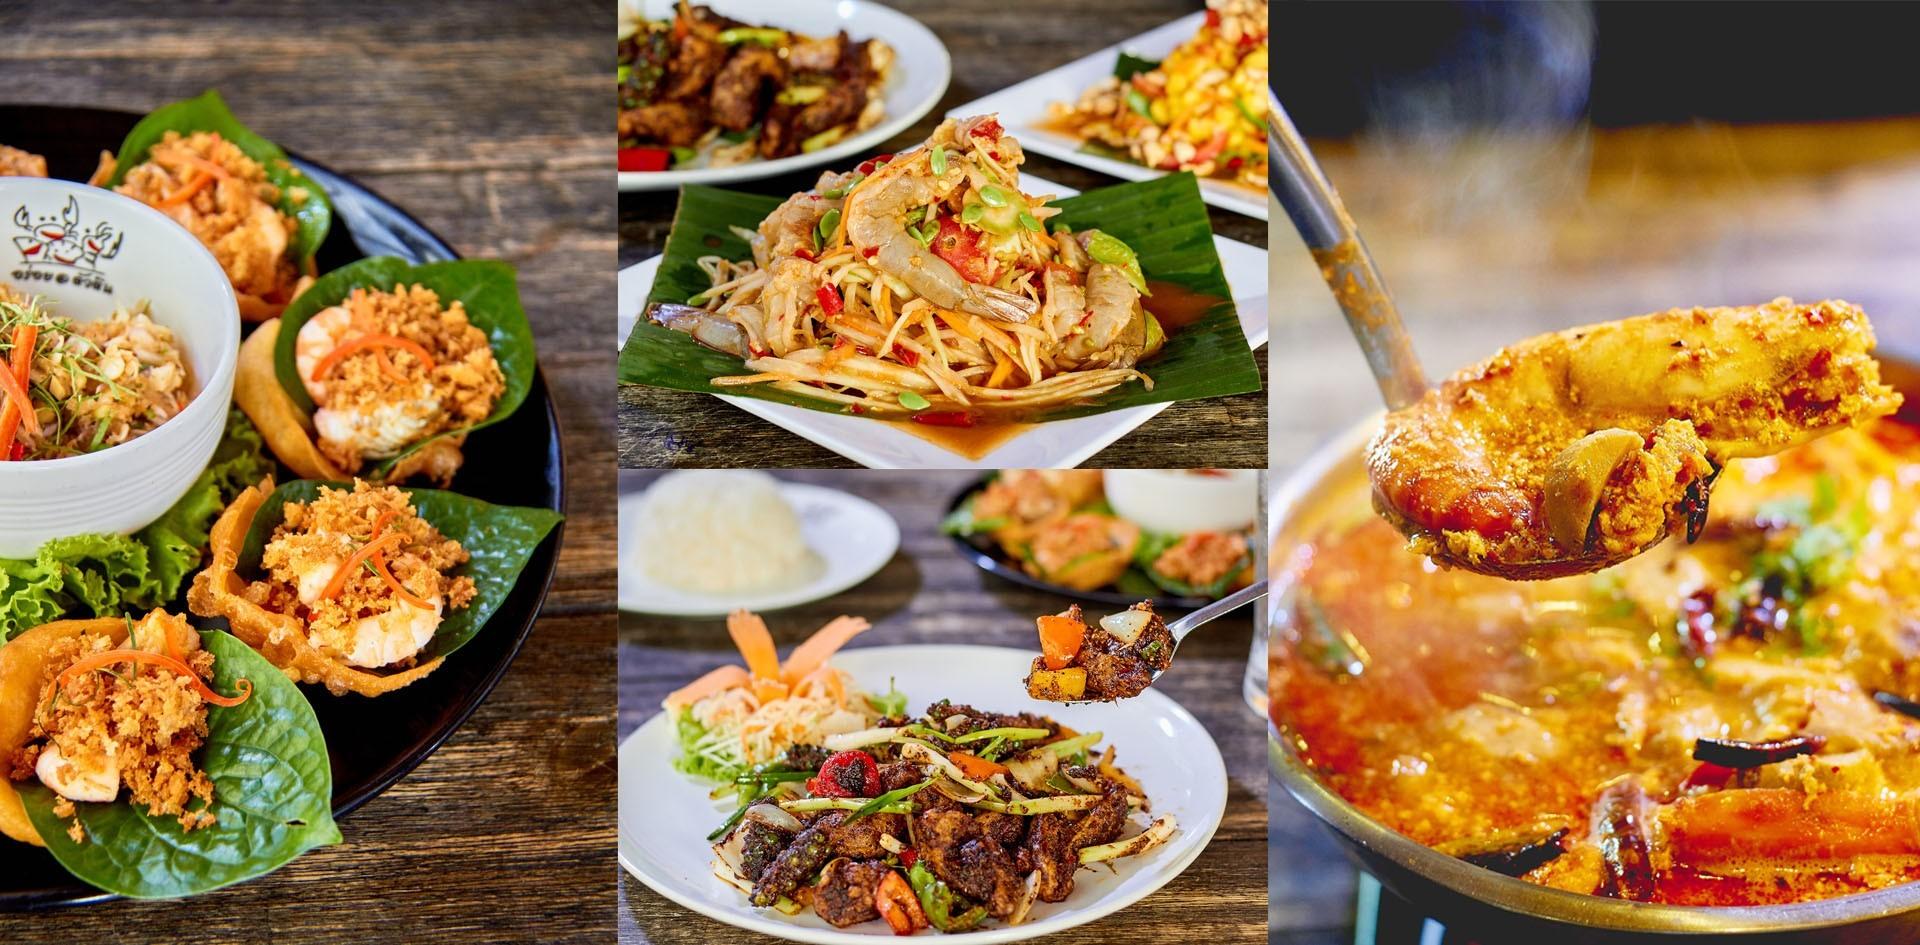 เต็มอิ่มไปกับ 7 เมนูอาหารไทยต้นตำรับสุดจัดจ้าน ที่  อร่อย@หัวหิน